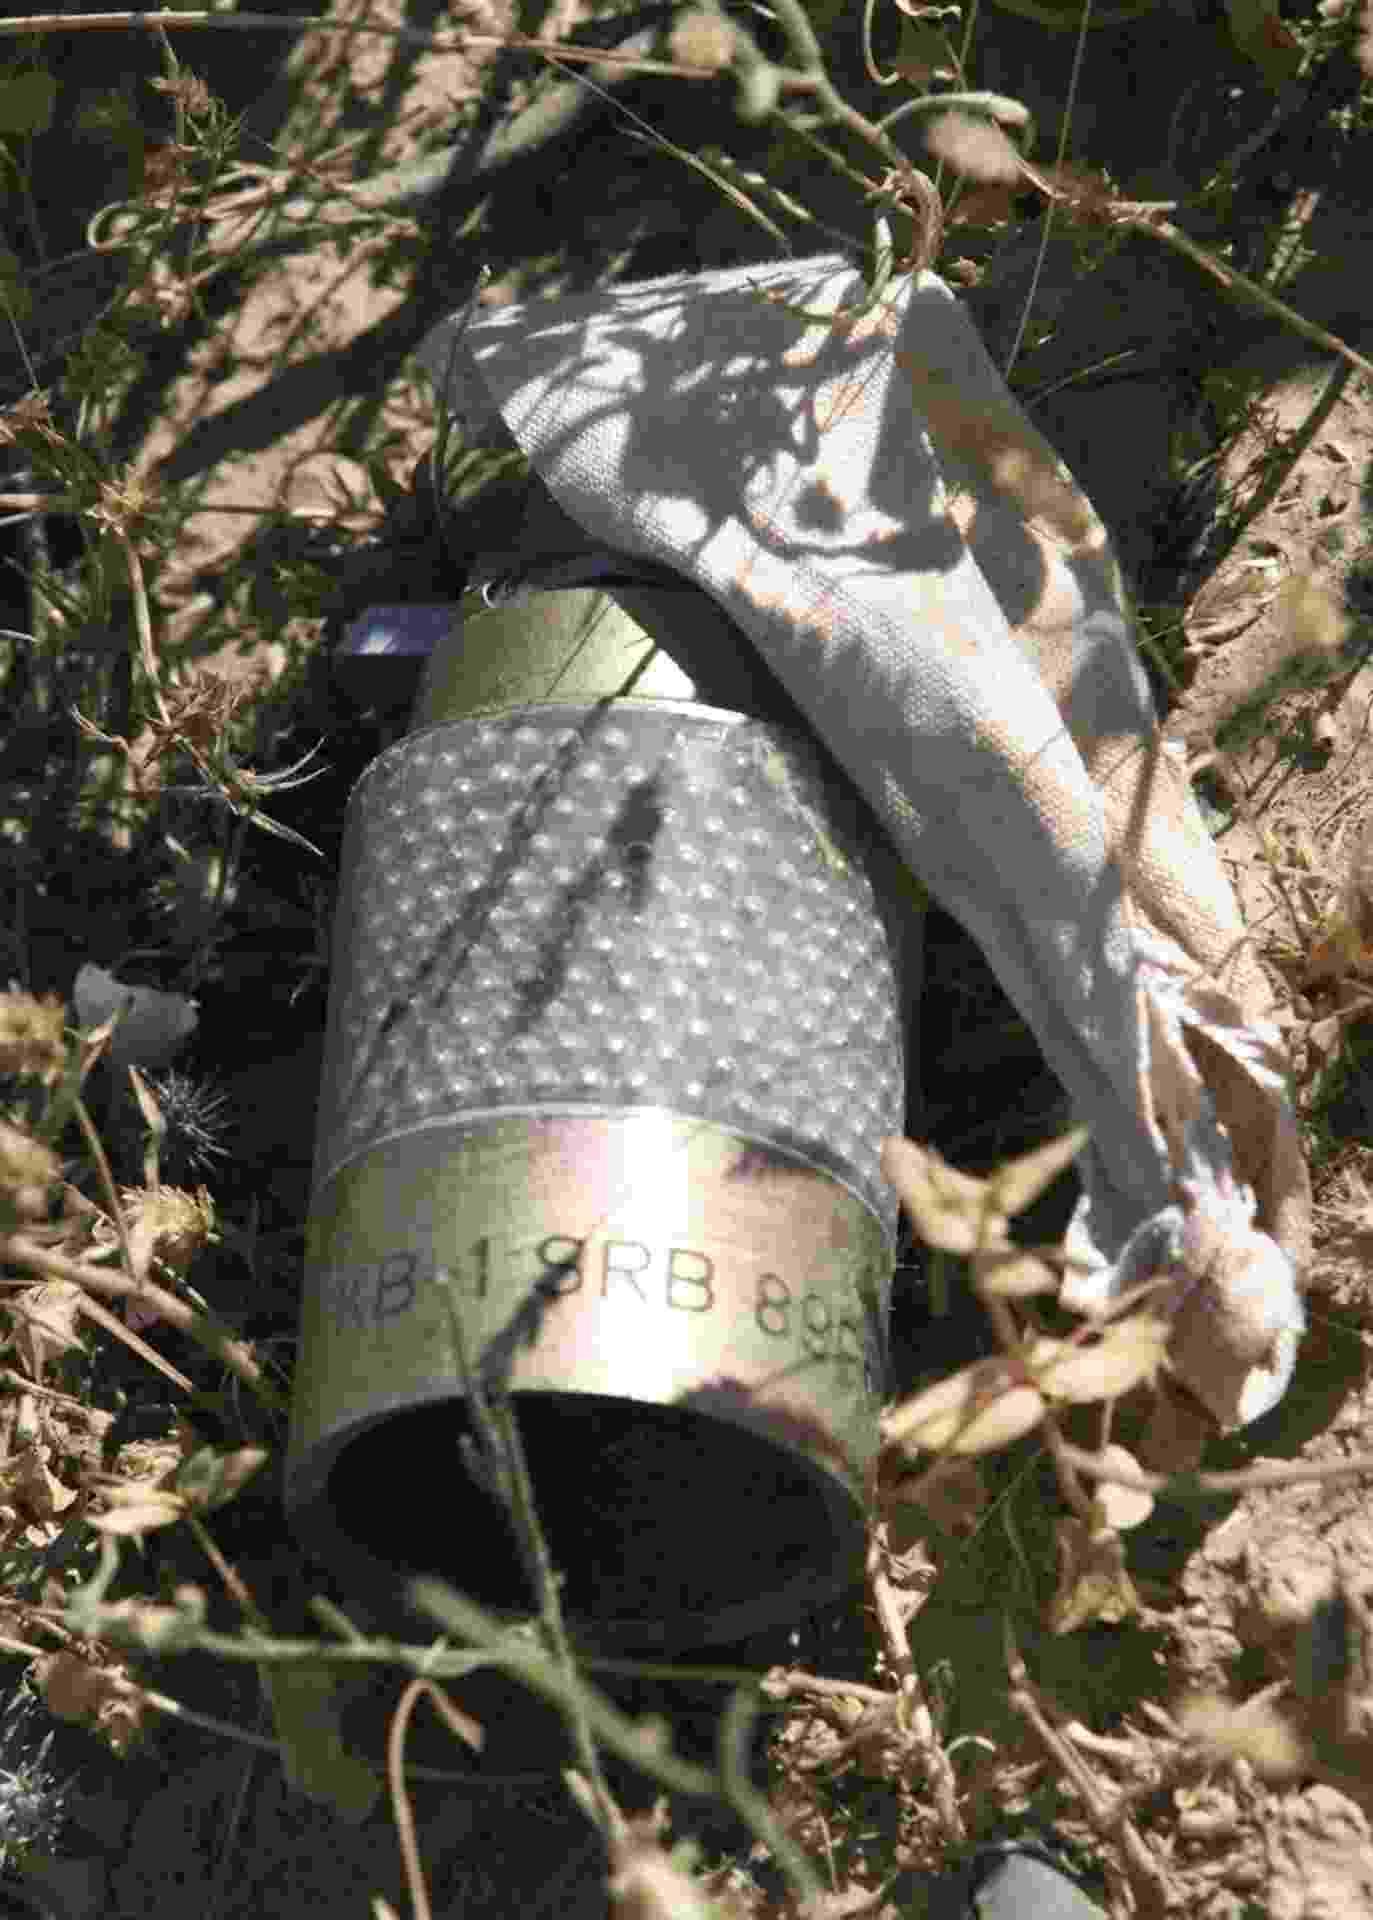 8.mai.2003 - Bomba cluster que não explodiu após ser lançada é encontrada em uma área a pouco mais de 40 quilômetros da cidade iraquiana de Arbil, em 2003. Um grupamento de soldados britânicos especializados em explosivos atuou na região para desativar as bombas. Dezenas de crianças iraquianas morreram ao tentarem manusear as bombas de forma incorreta - Shamil Zhumatov/Reuters